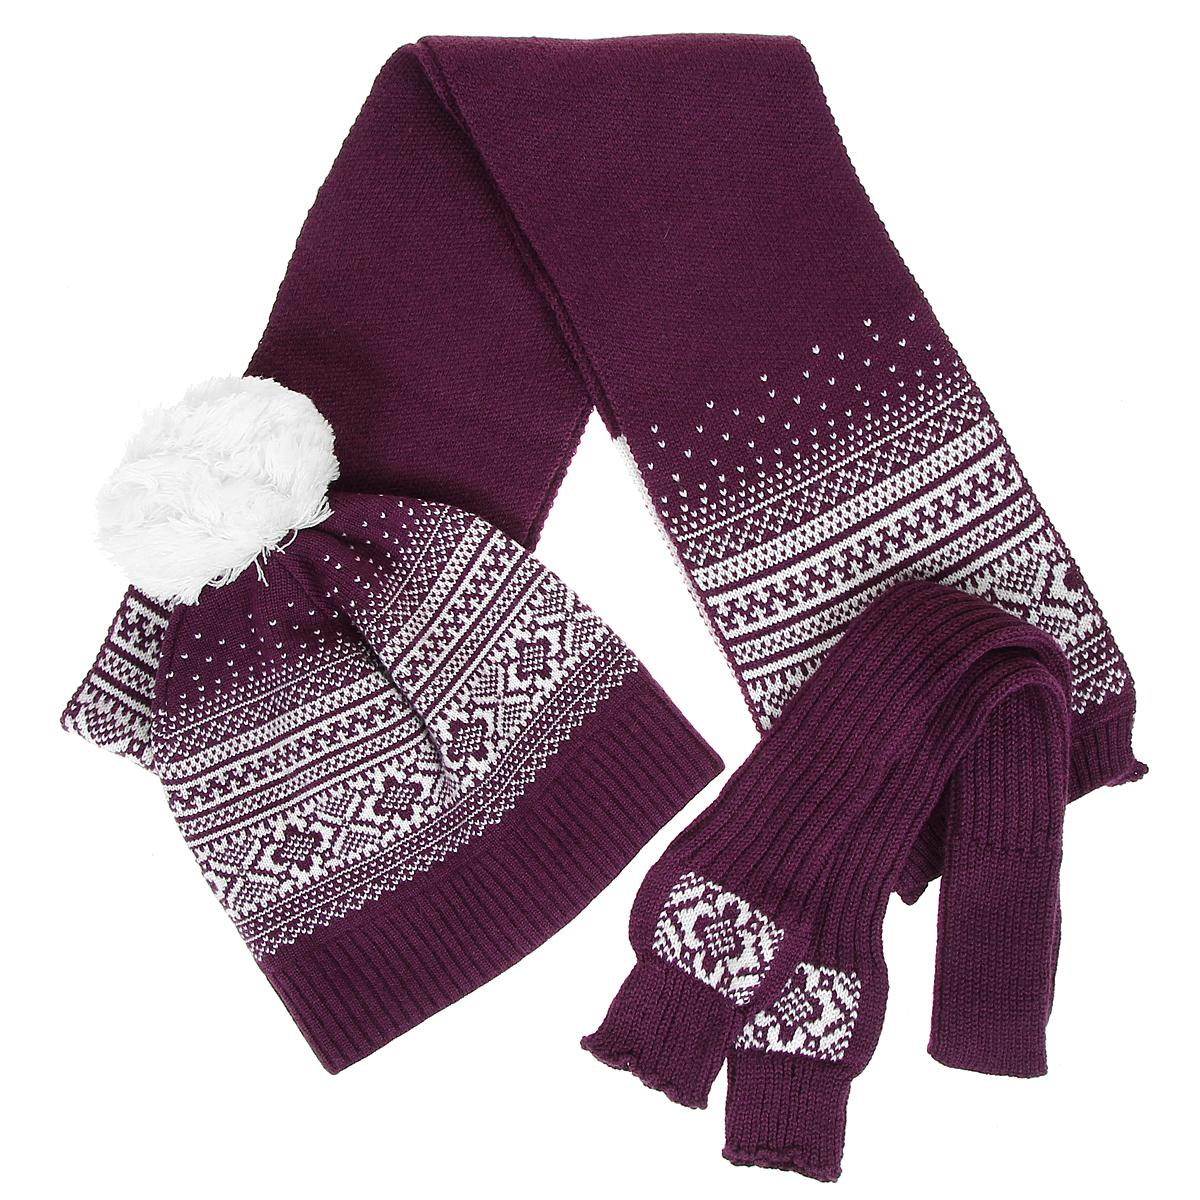 Комплект женский: шапка, шарф, митенки. 3633/43633/536333633/43633/53633Каждой женщине хочется иметь теплый красивый комплект, который отлично подойдет к верхней одежде и подчеркнет индивидуальность. Отличное решение - комплект из шапочки, шарфа и митенок, выполненных из шерсти и акрила. Предметы набора оформлены зимним орнаментом. Шапка дополнена пышным помпоном. Стильный дизайн и приятный на ощупь материал подарят вам истинное наслаждение. Комплект Marhatter добавит вашему образу женственности и подарит чувство комфорта в холодную погоду.